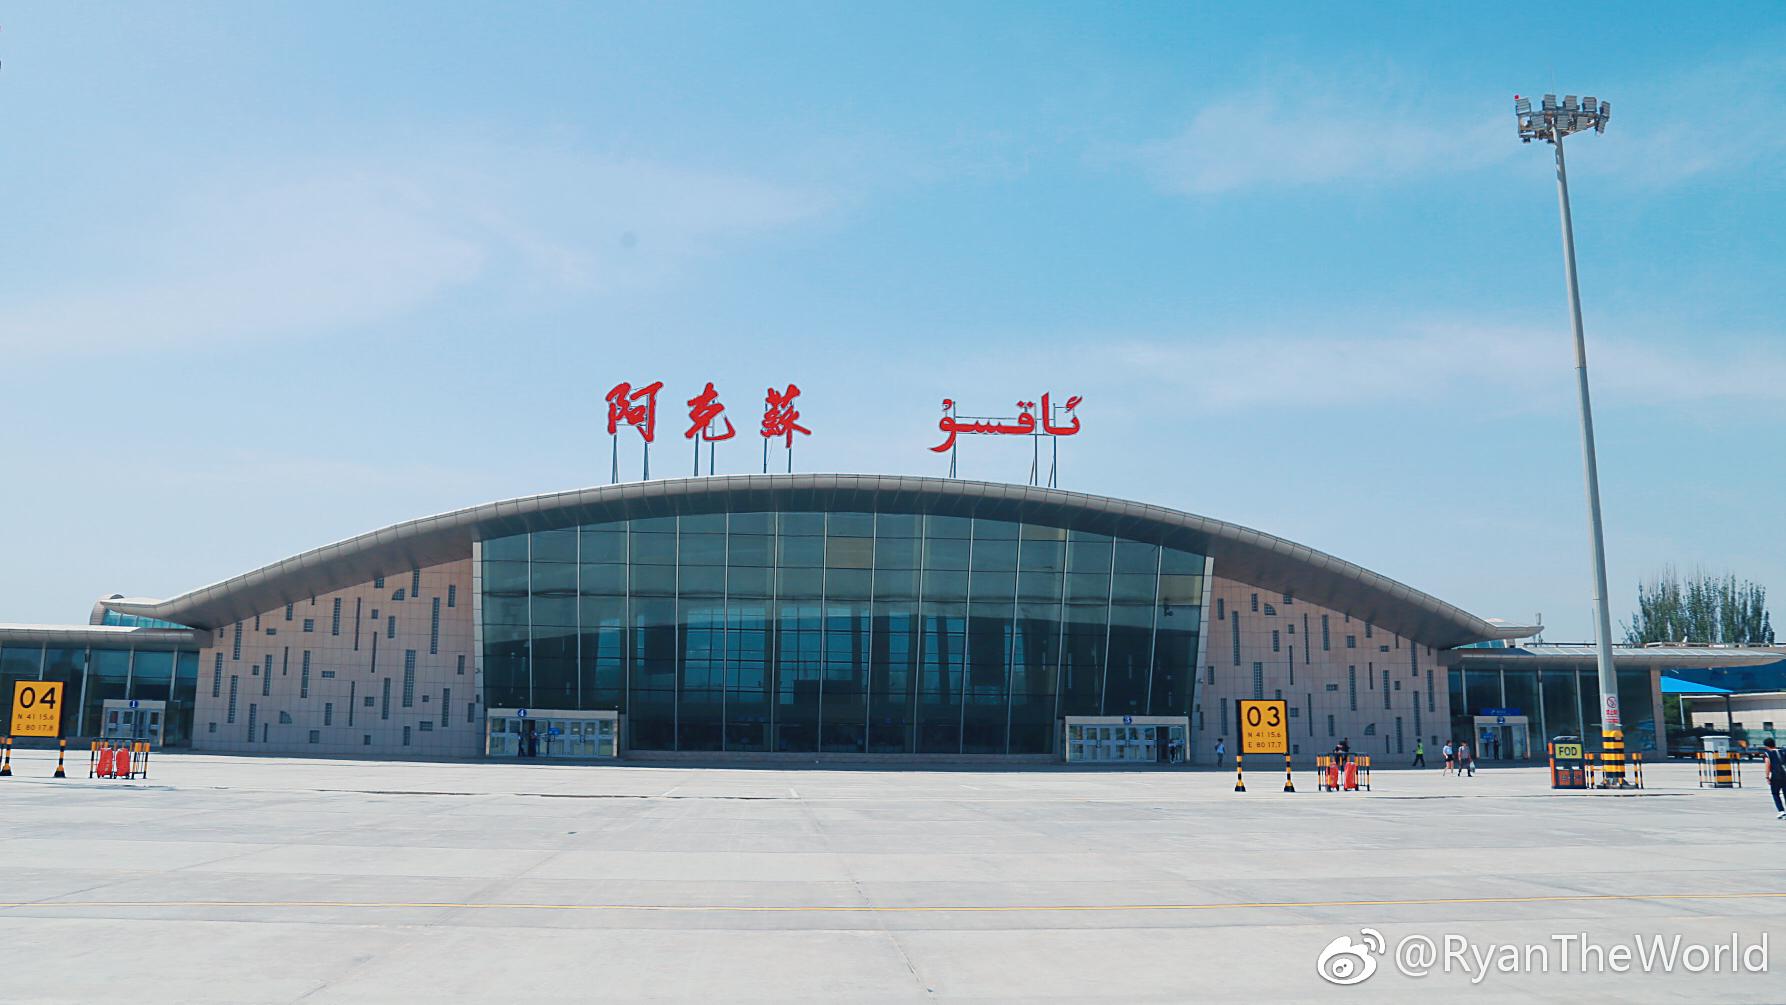 乘坐南航cz8742航班由中原郑州经停新疆阿克苏飞往中国最西边的城市喀